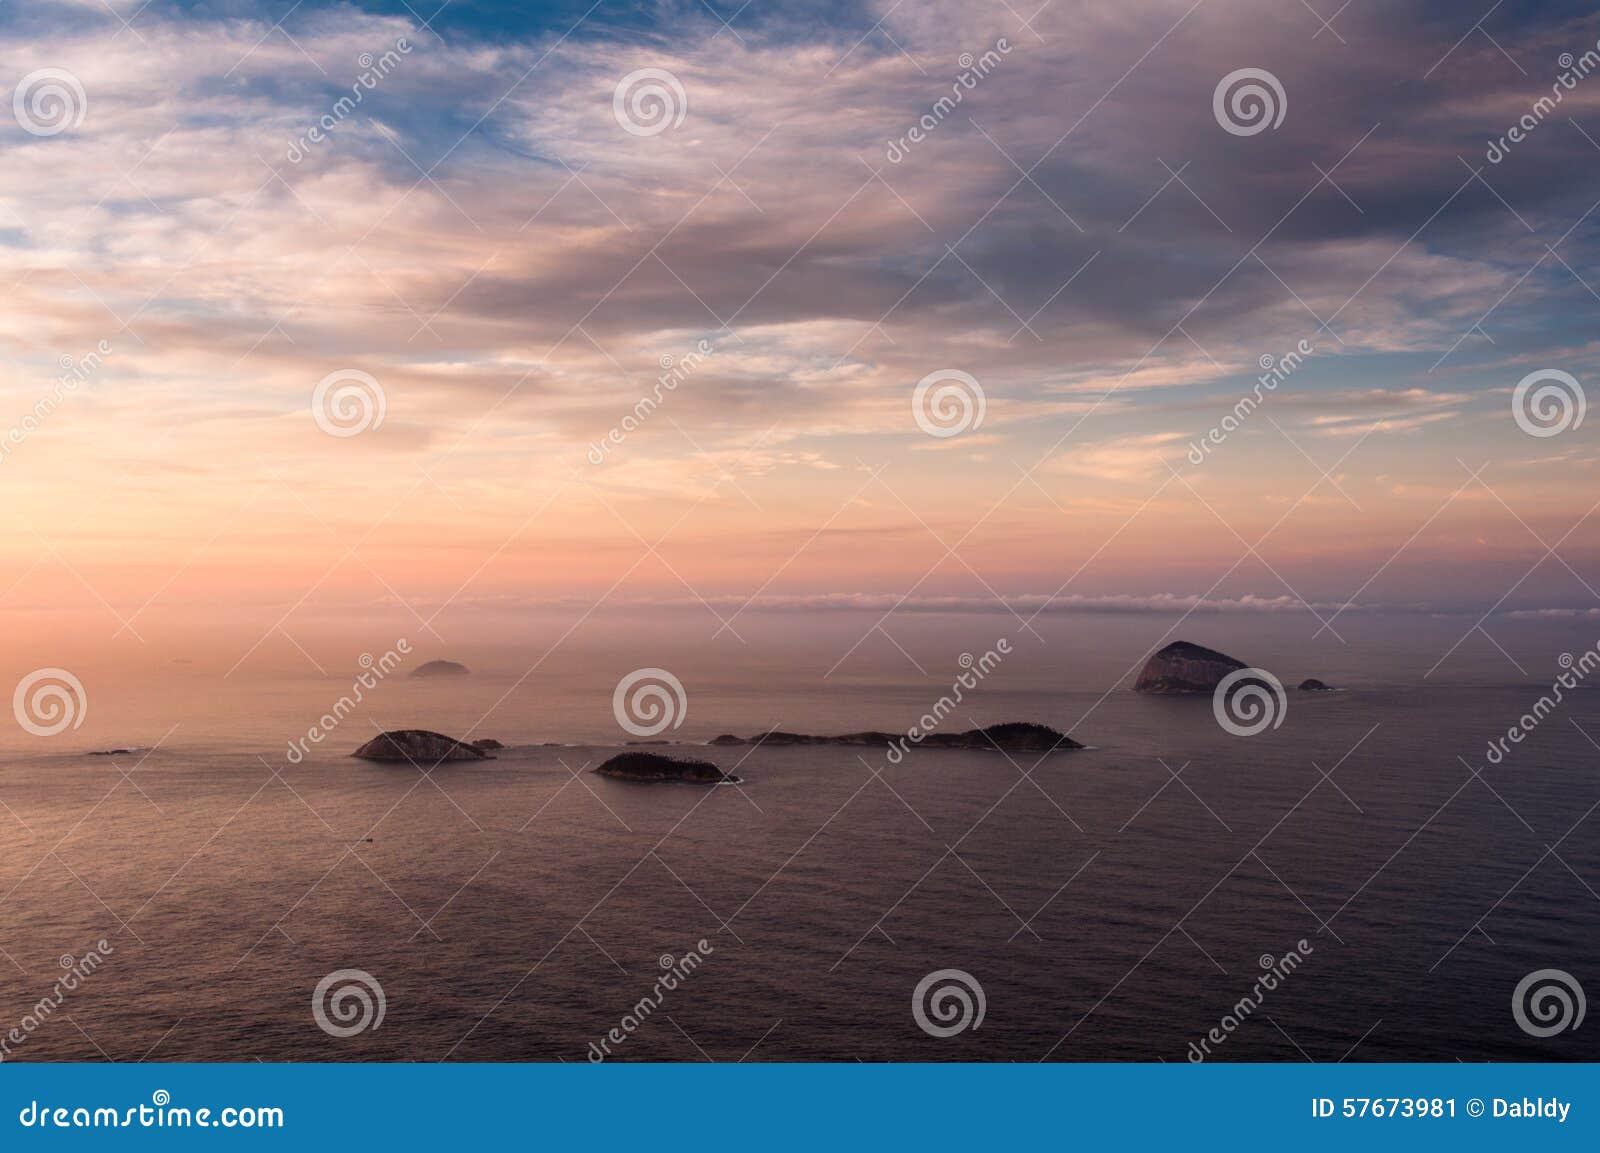 Widok Na Ocean wschodem słońca z wyspami w horyzoncie